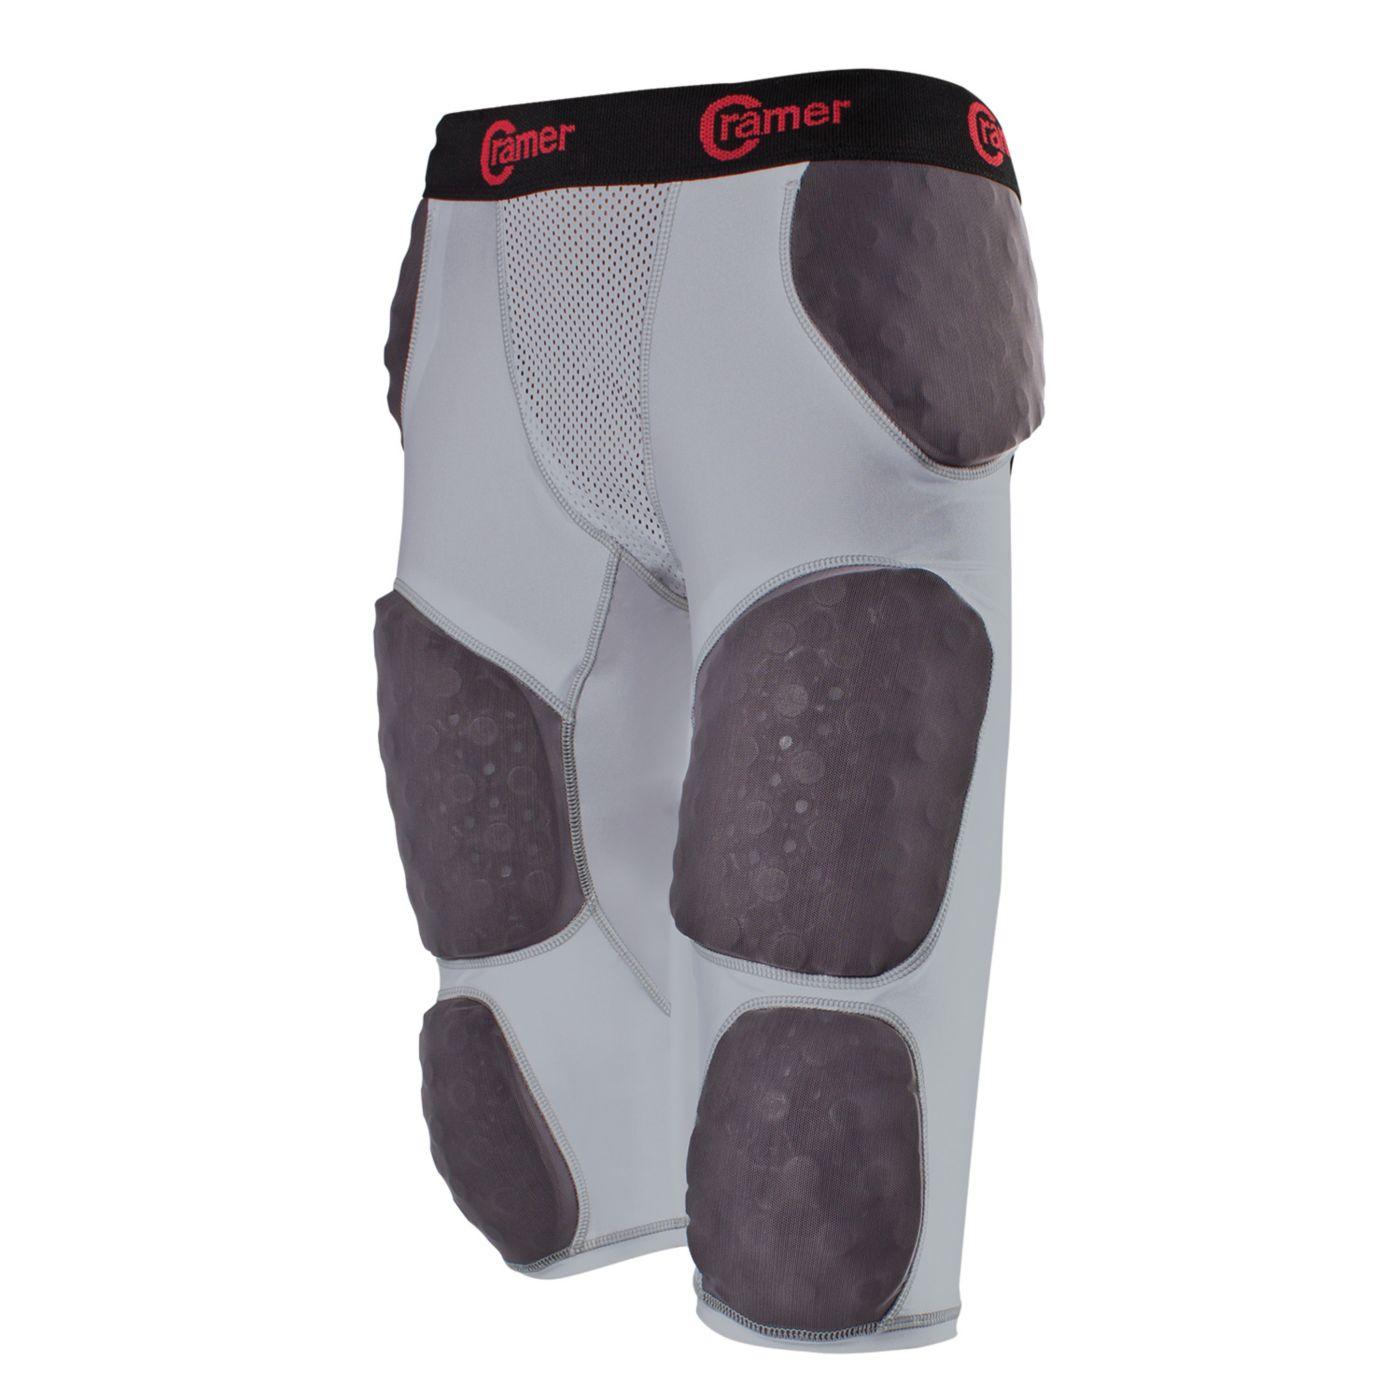 Cramer Thunder 7 Integrated Football Pants